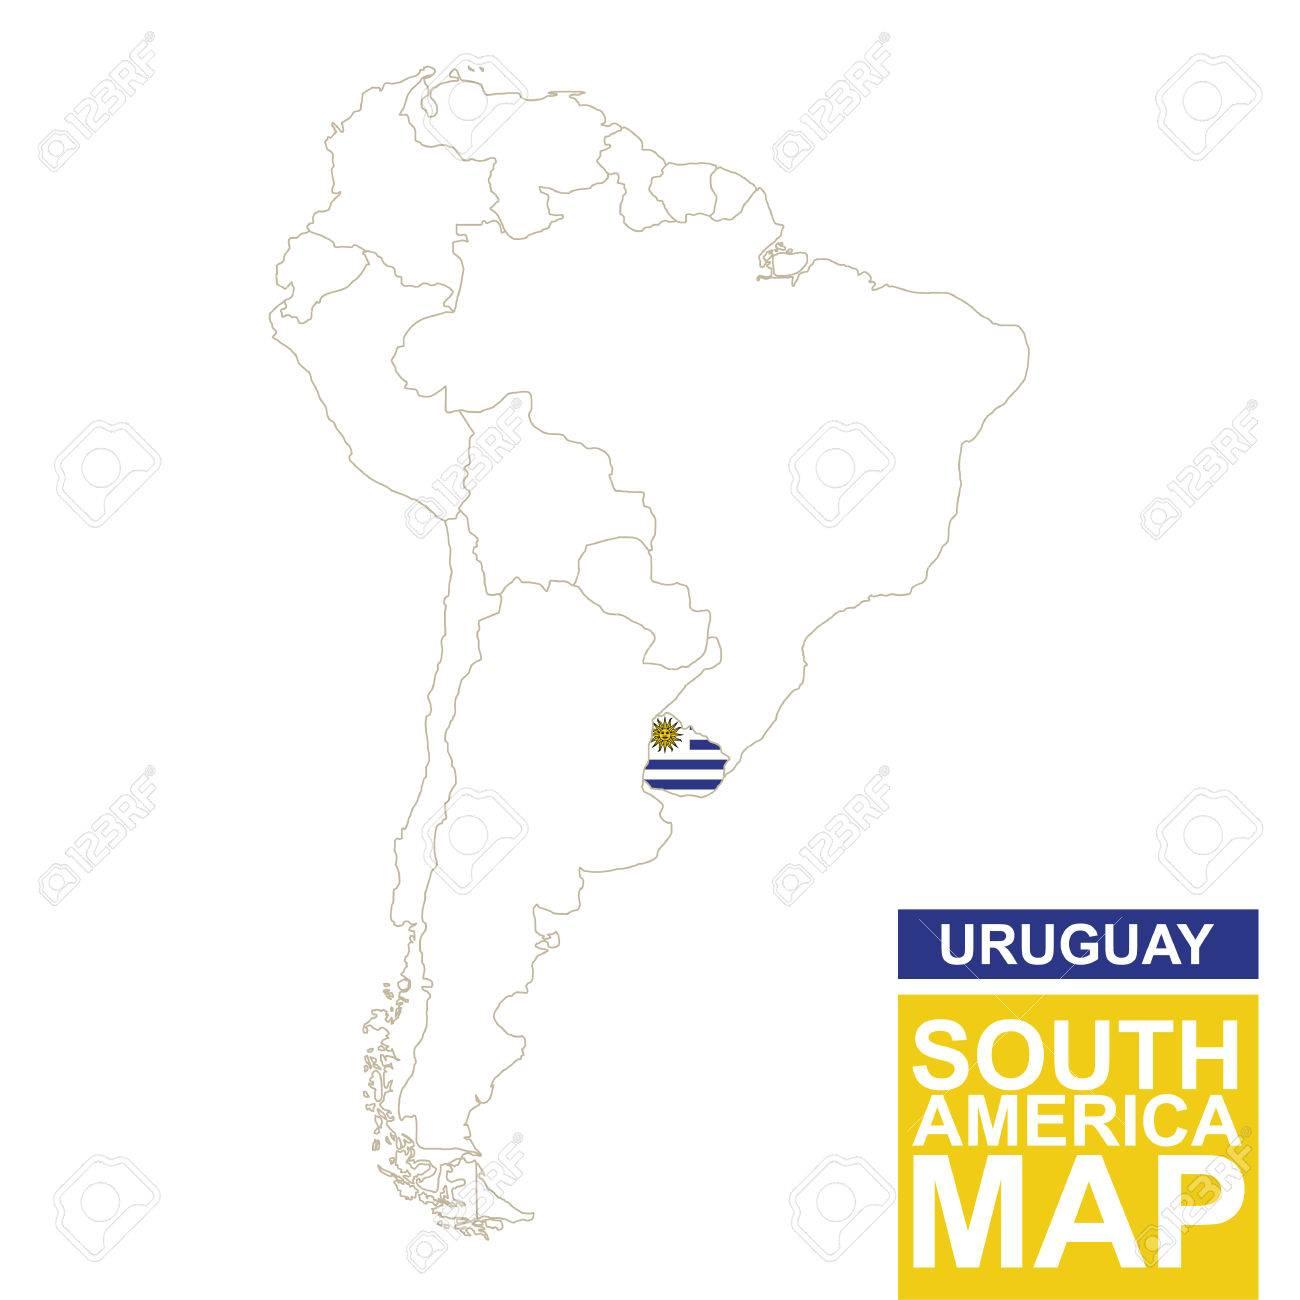 Carte Amerique Latine Uruguay.Carte Contournee De L Amerique Du Sud Avec L Uruguay Mis En Evidence